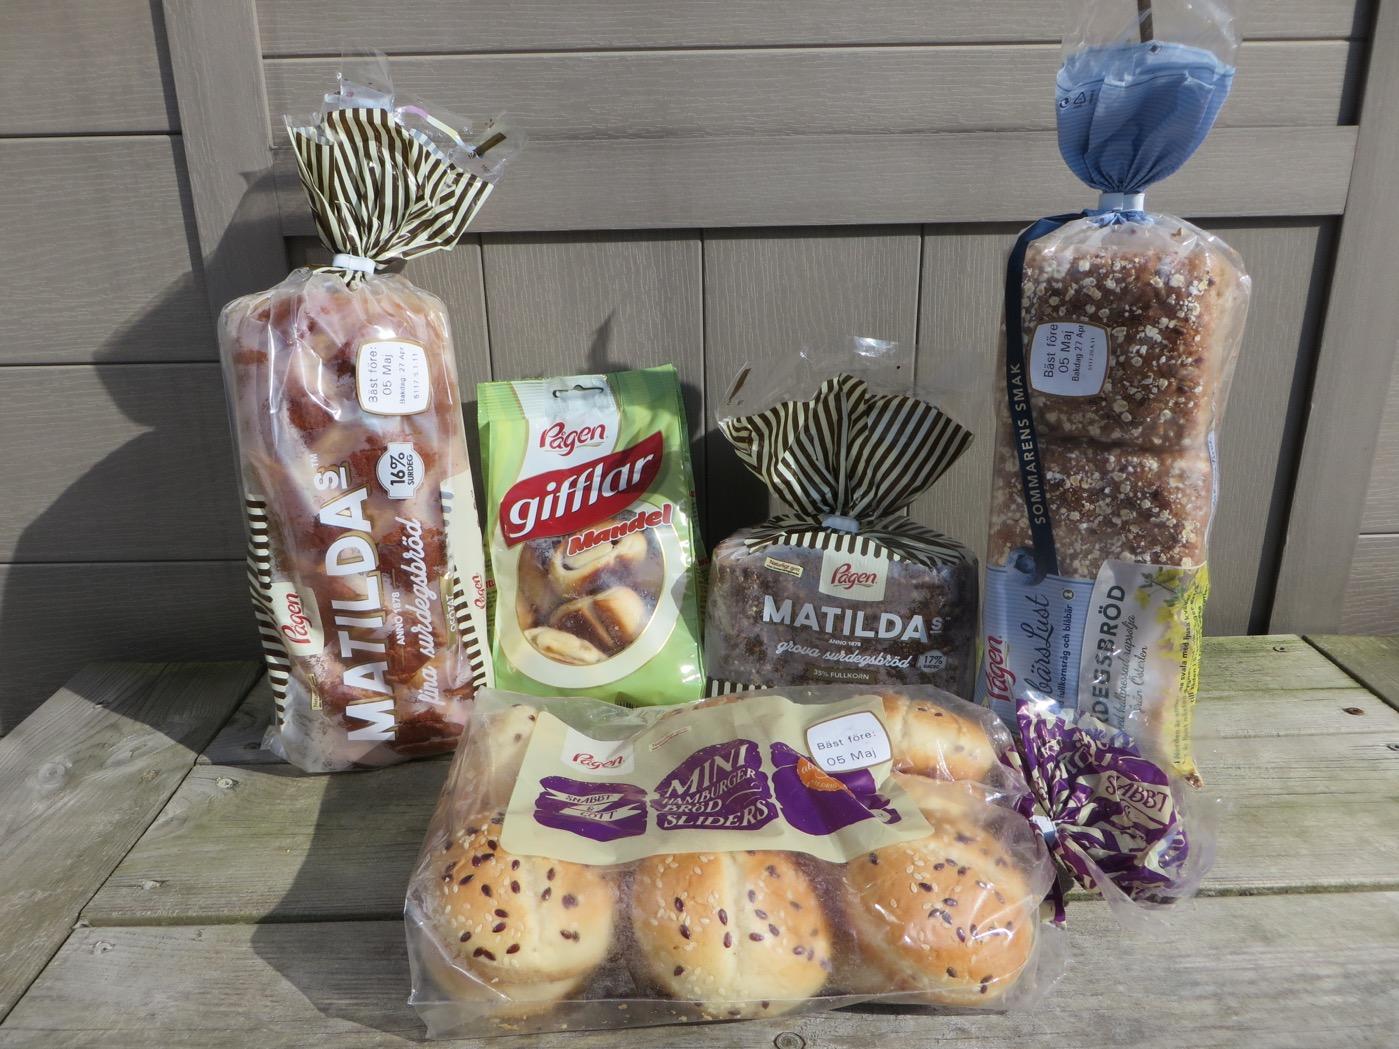 Mjukt bröd från Pågens.